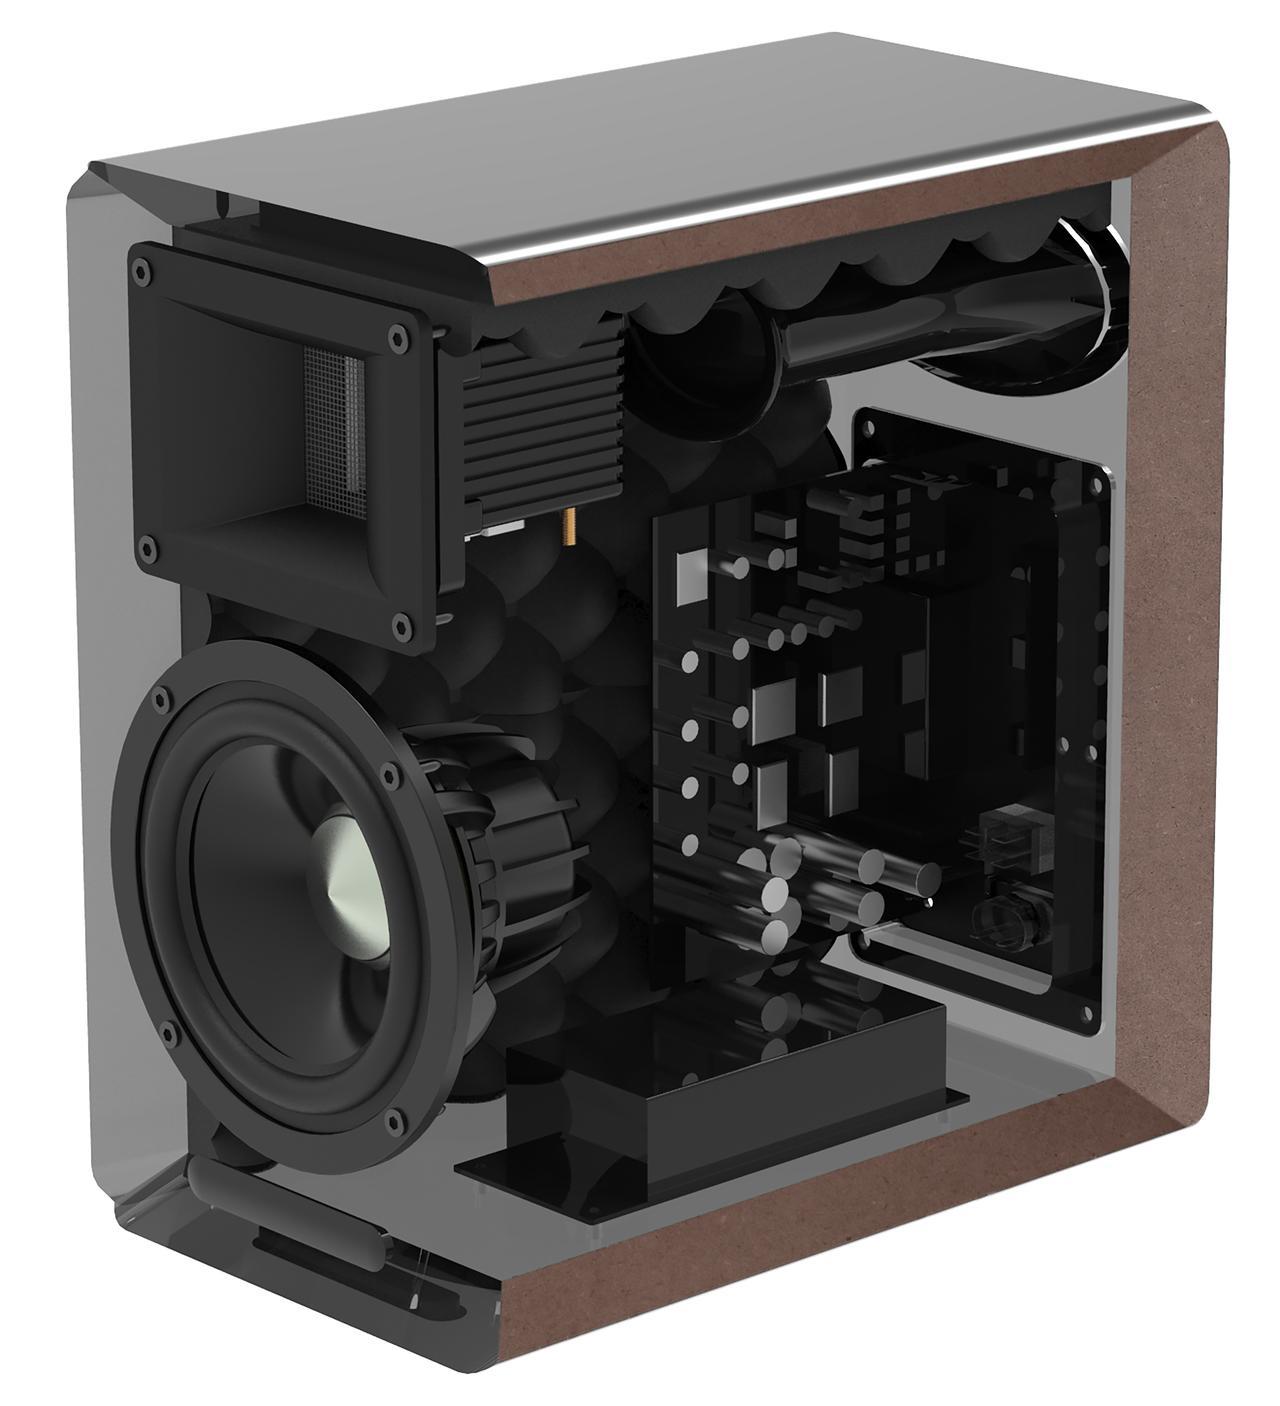 画像: A100 BT5.0(R側)の断面イメージ。本体背面にエレクトロニクス用の基板が備わる。内部に波状の吸音材で調整が施されるほか、バスレフポートの形状で風切り音を抑えるなど正当的手当てがされている